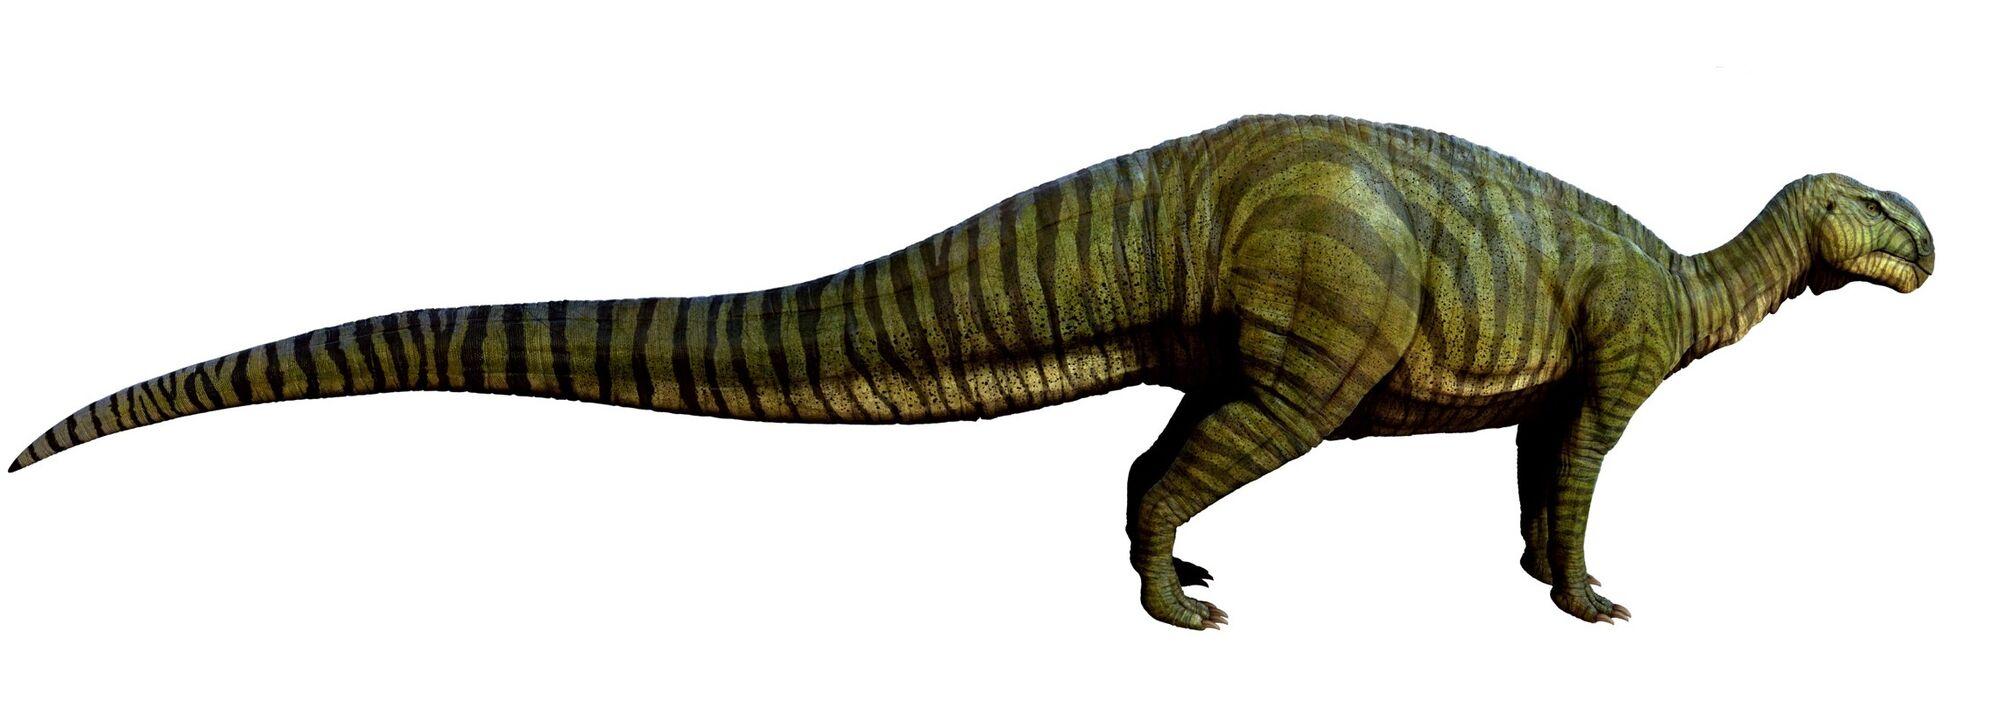 Картинки по запросу Тенонтозавр